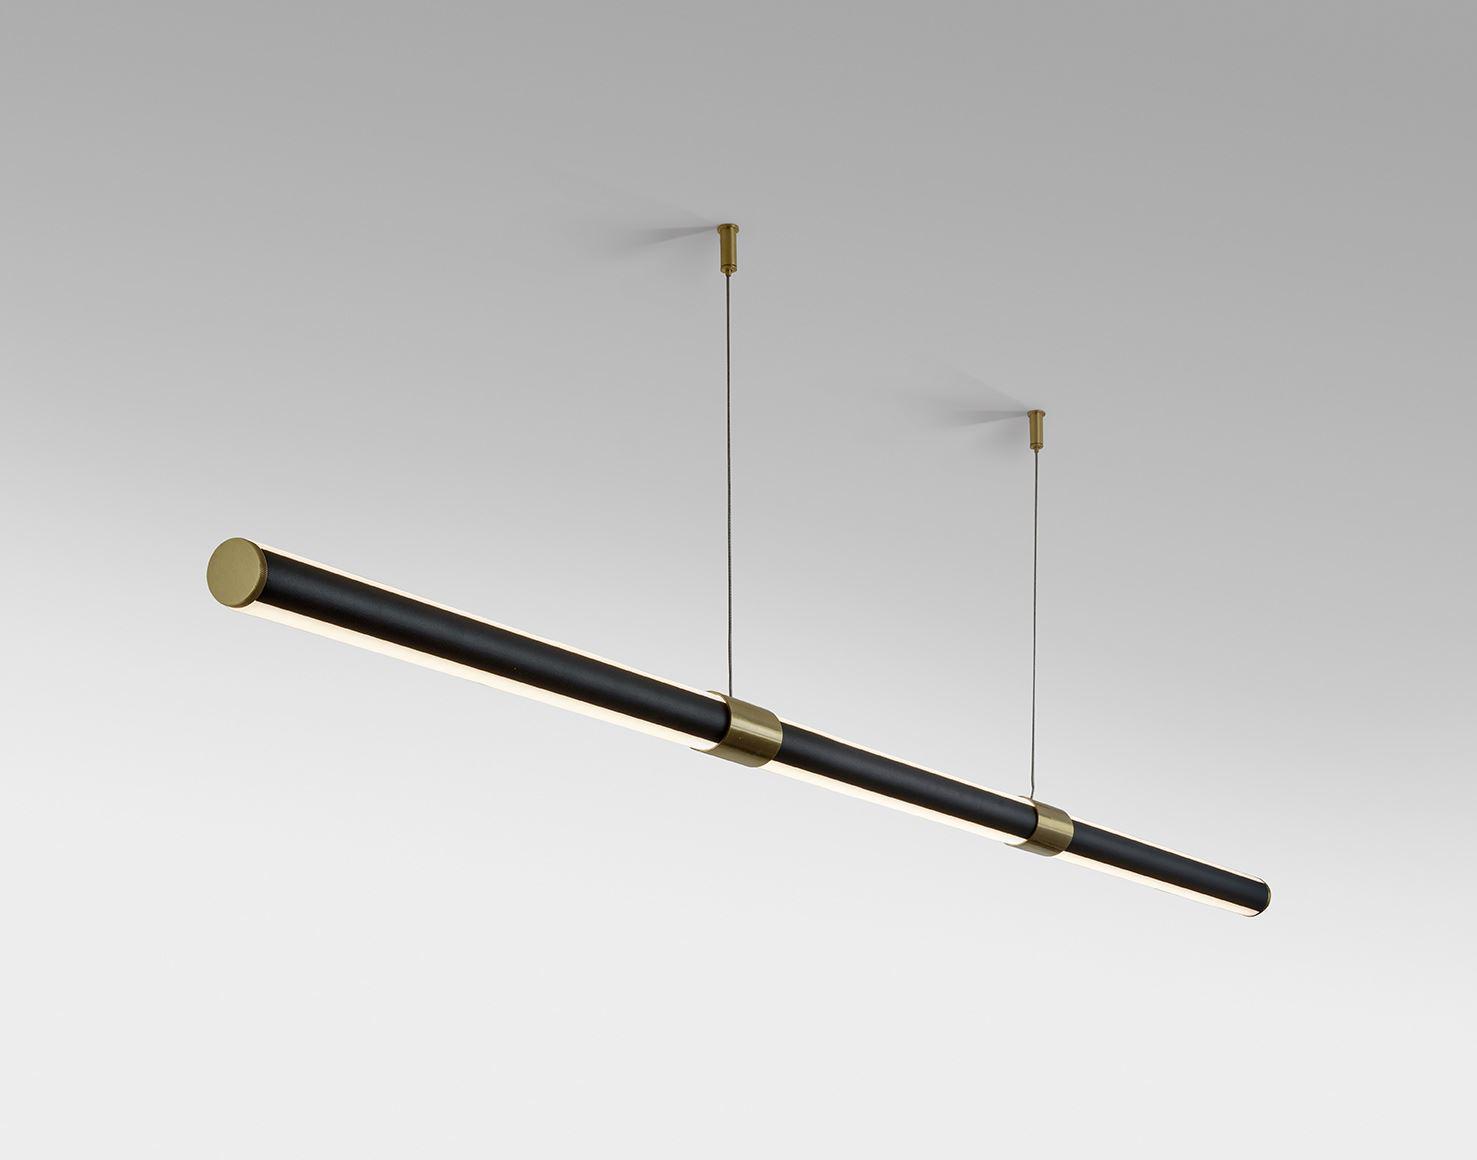 גופי תאורה מקטגוריית: גופי תאורה בייצור מיוחד ,שם המוצר: PIPELINE אפ\דאון